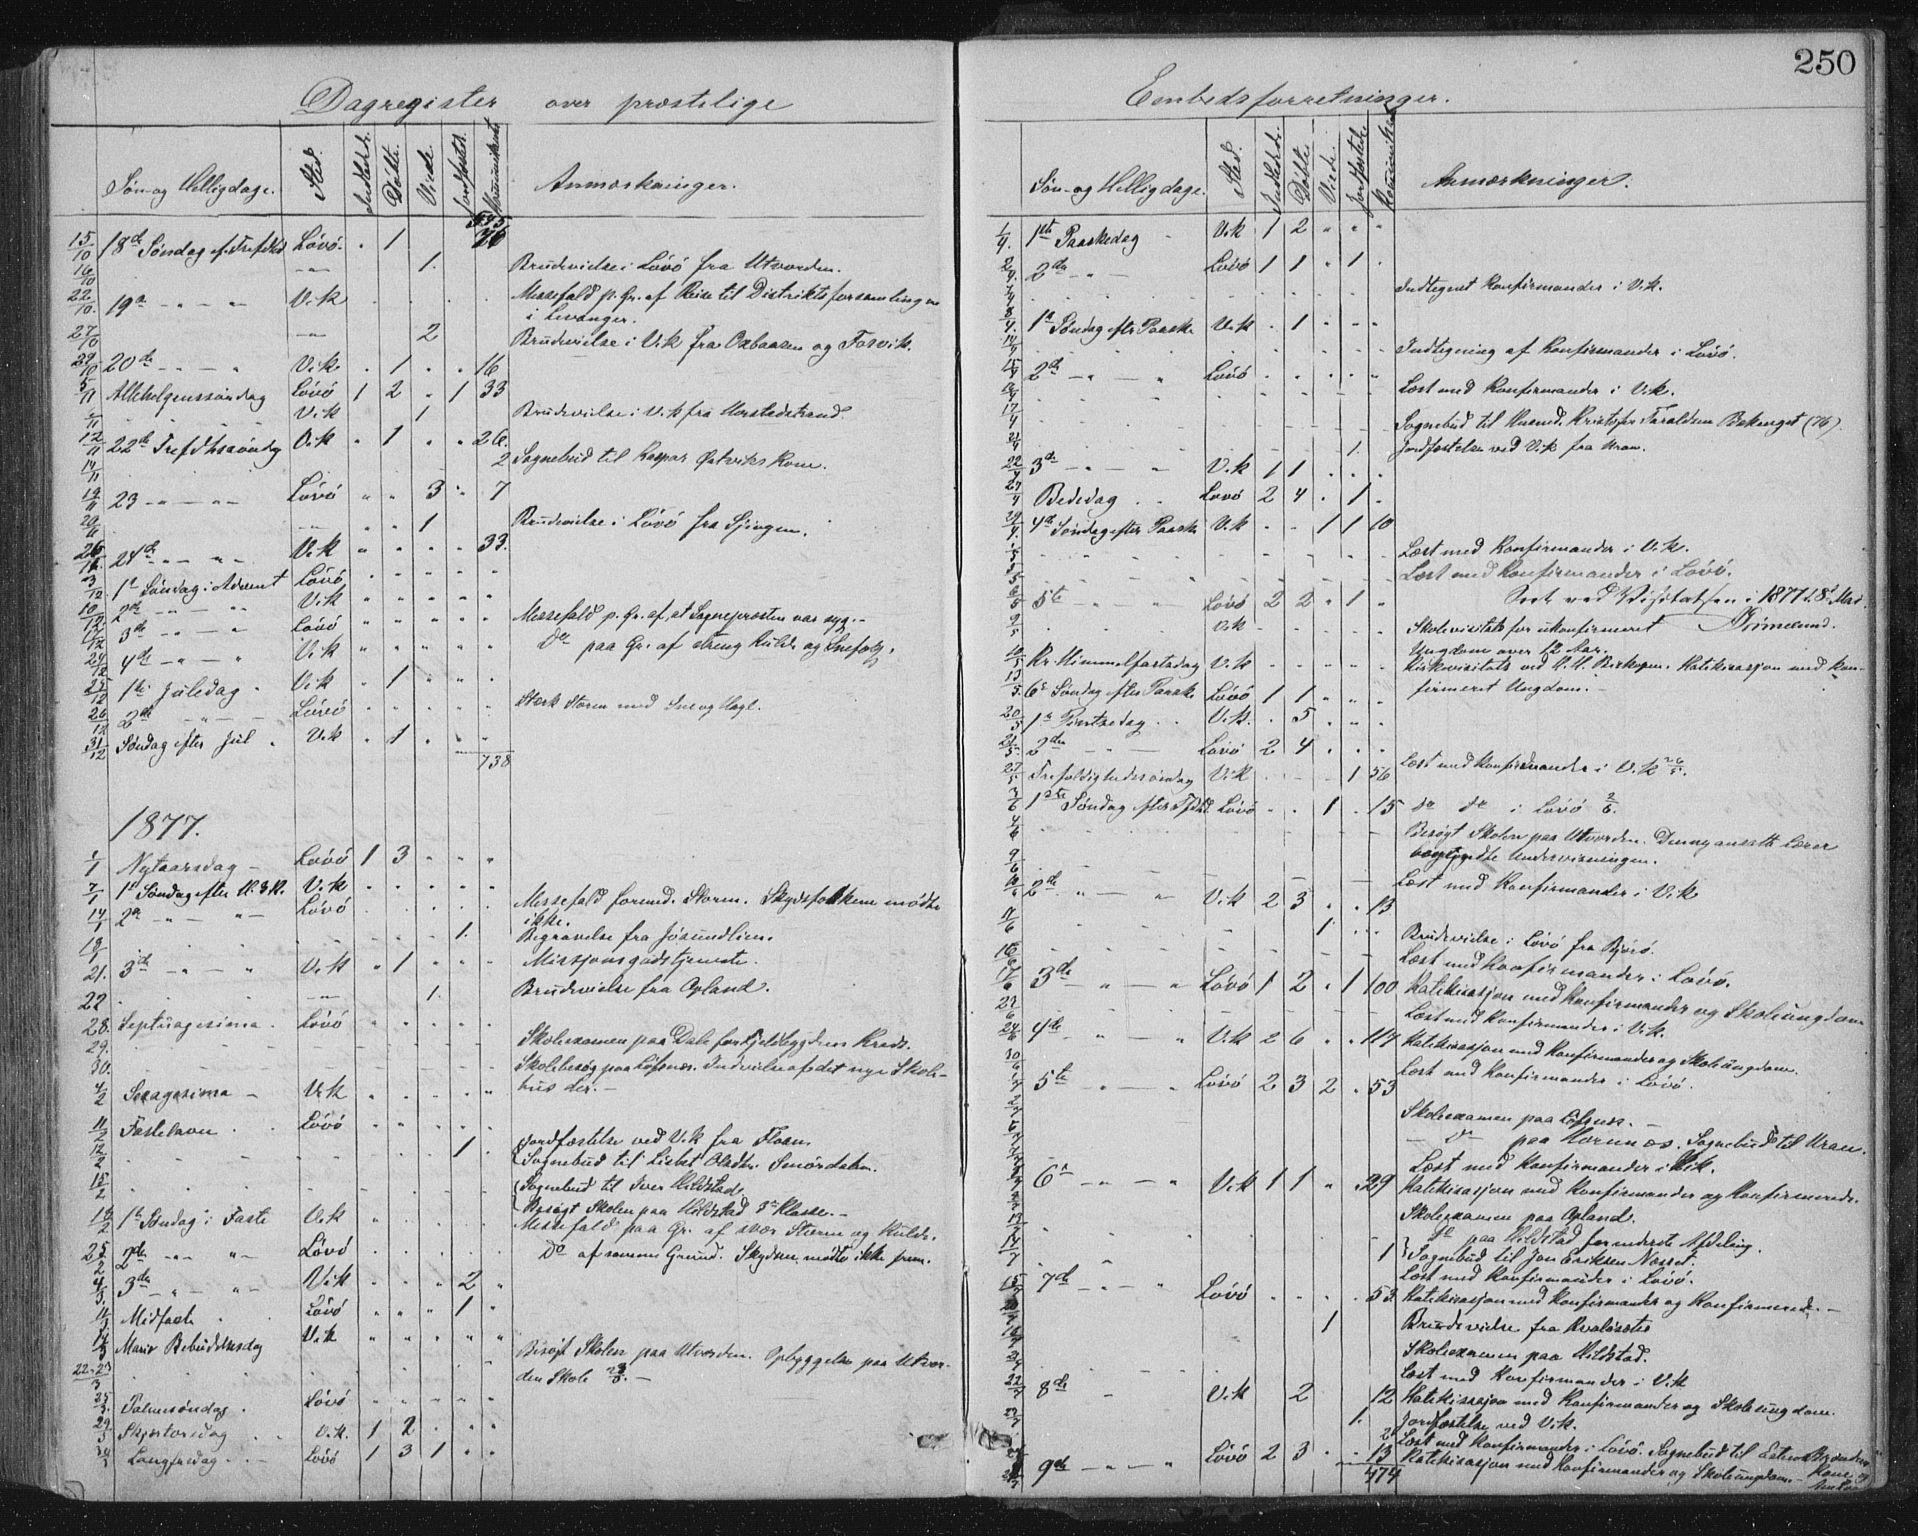 SAT, Ministerialprotokoller, klokkerbøker og fødselsregistre - Nord-Trøndelag, 771/L0596: Ministerialbok nr. 771A03, 1870-1884, s. 250